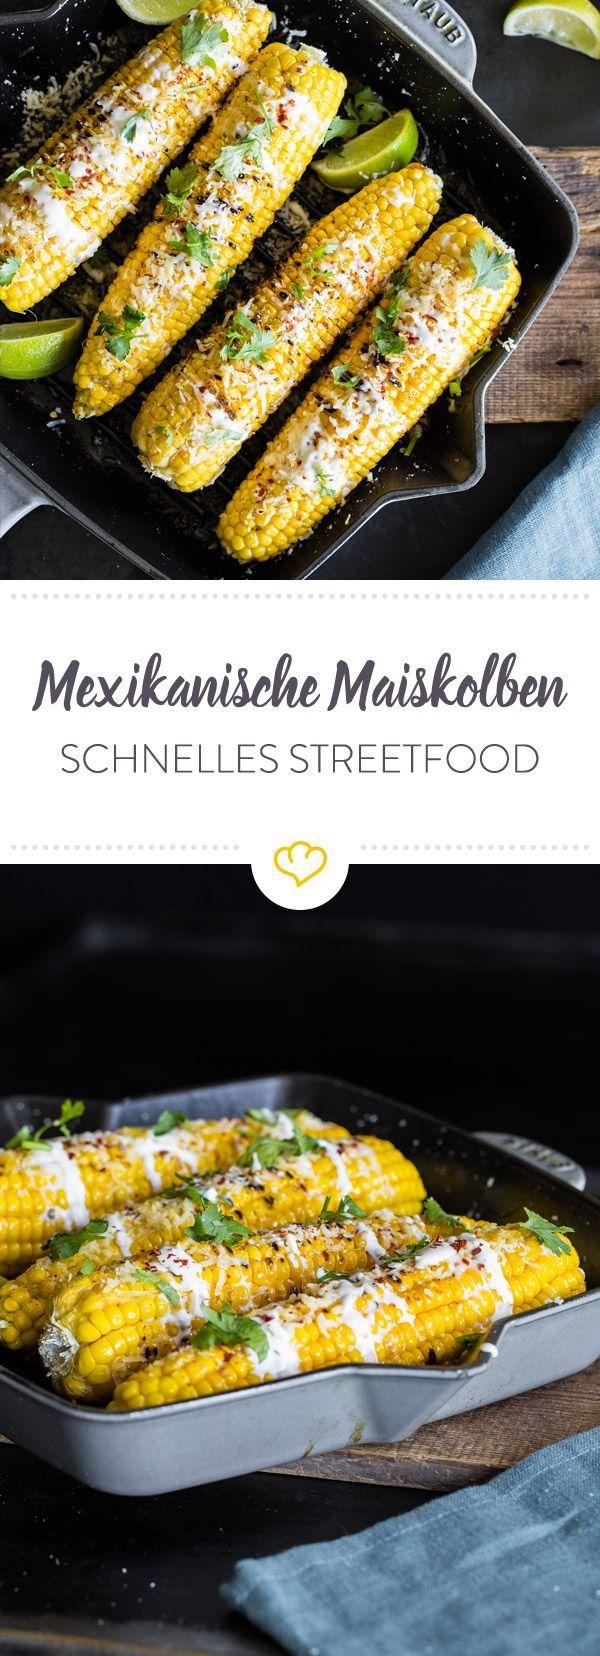 Streetfood deluxe: Gegrillte Maiskolben